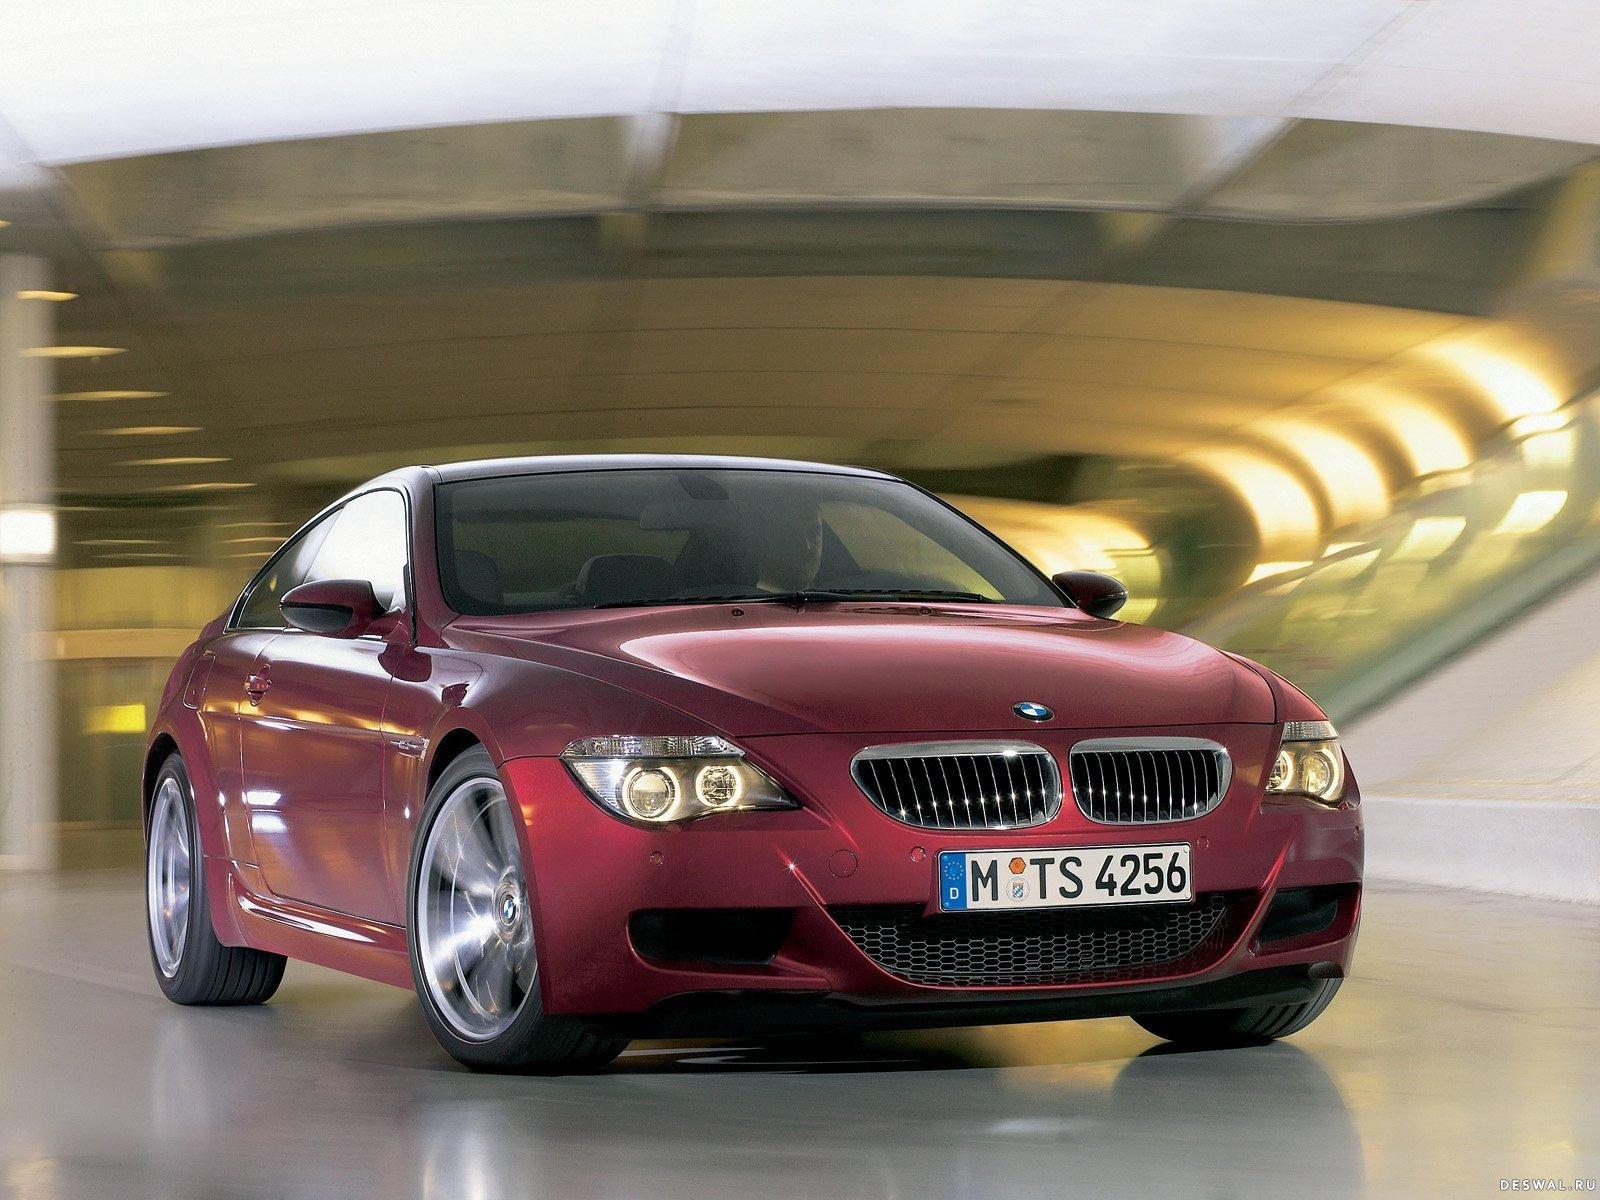 БМВ на халявной фотографии, Нажмите на картинку с обоями автомобиля bmw, чтобы просмотреть ее в реальном размере